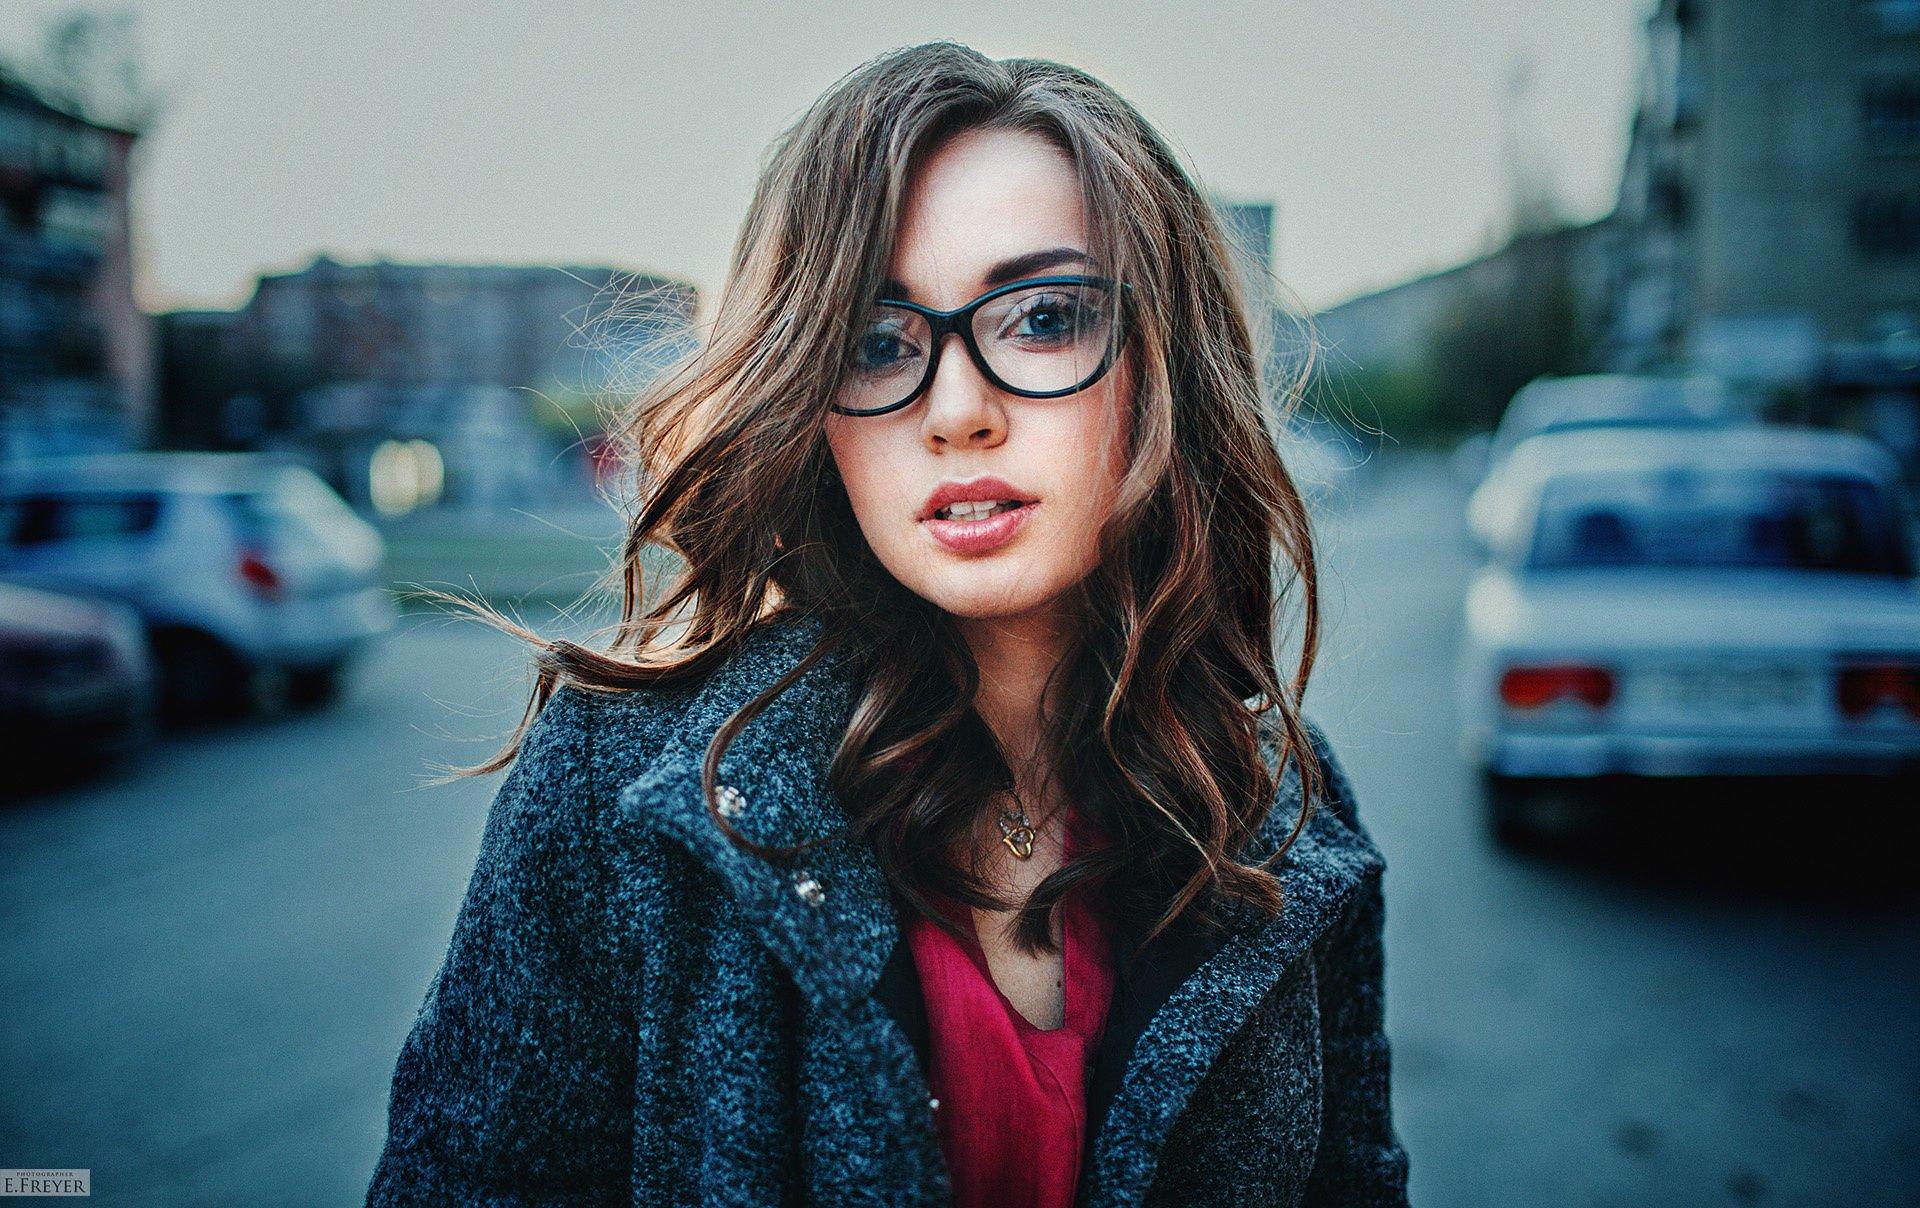 Женщины - Модель  Woman Девушка Brunette Glasses Обои